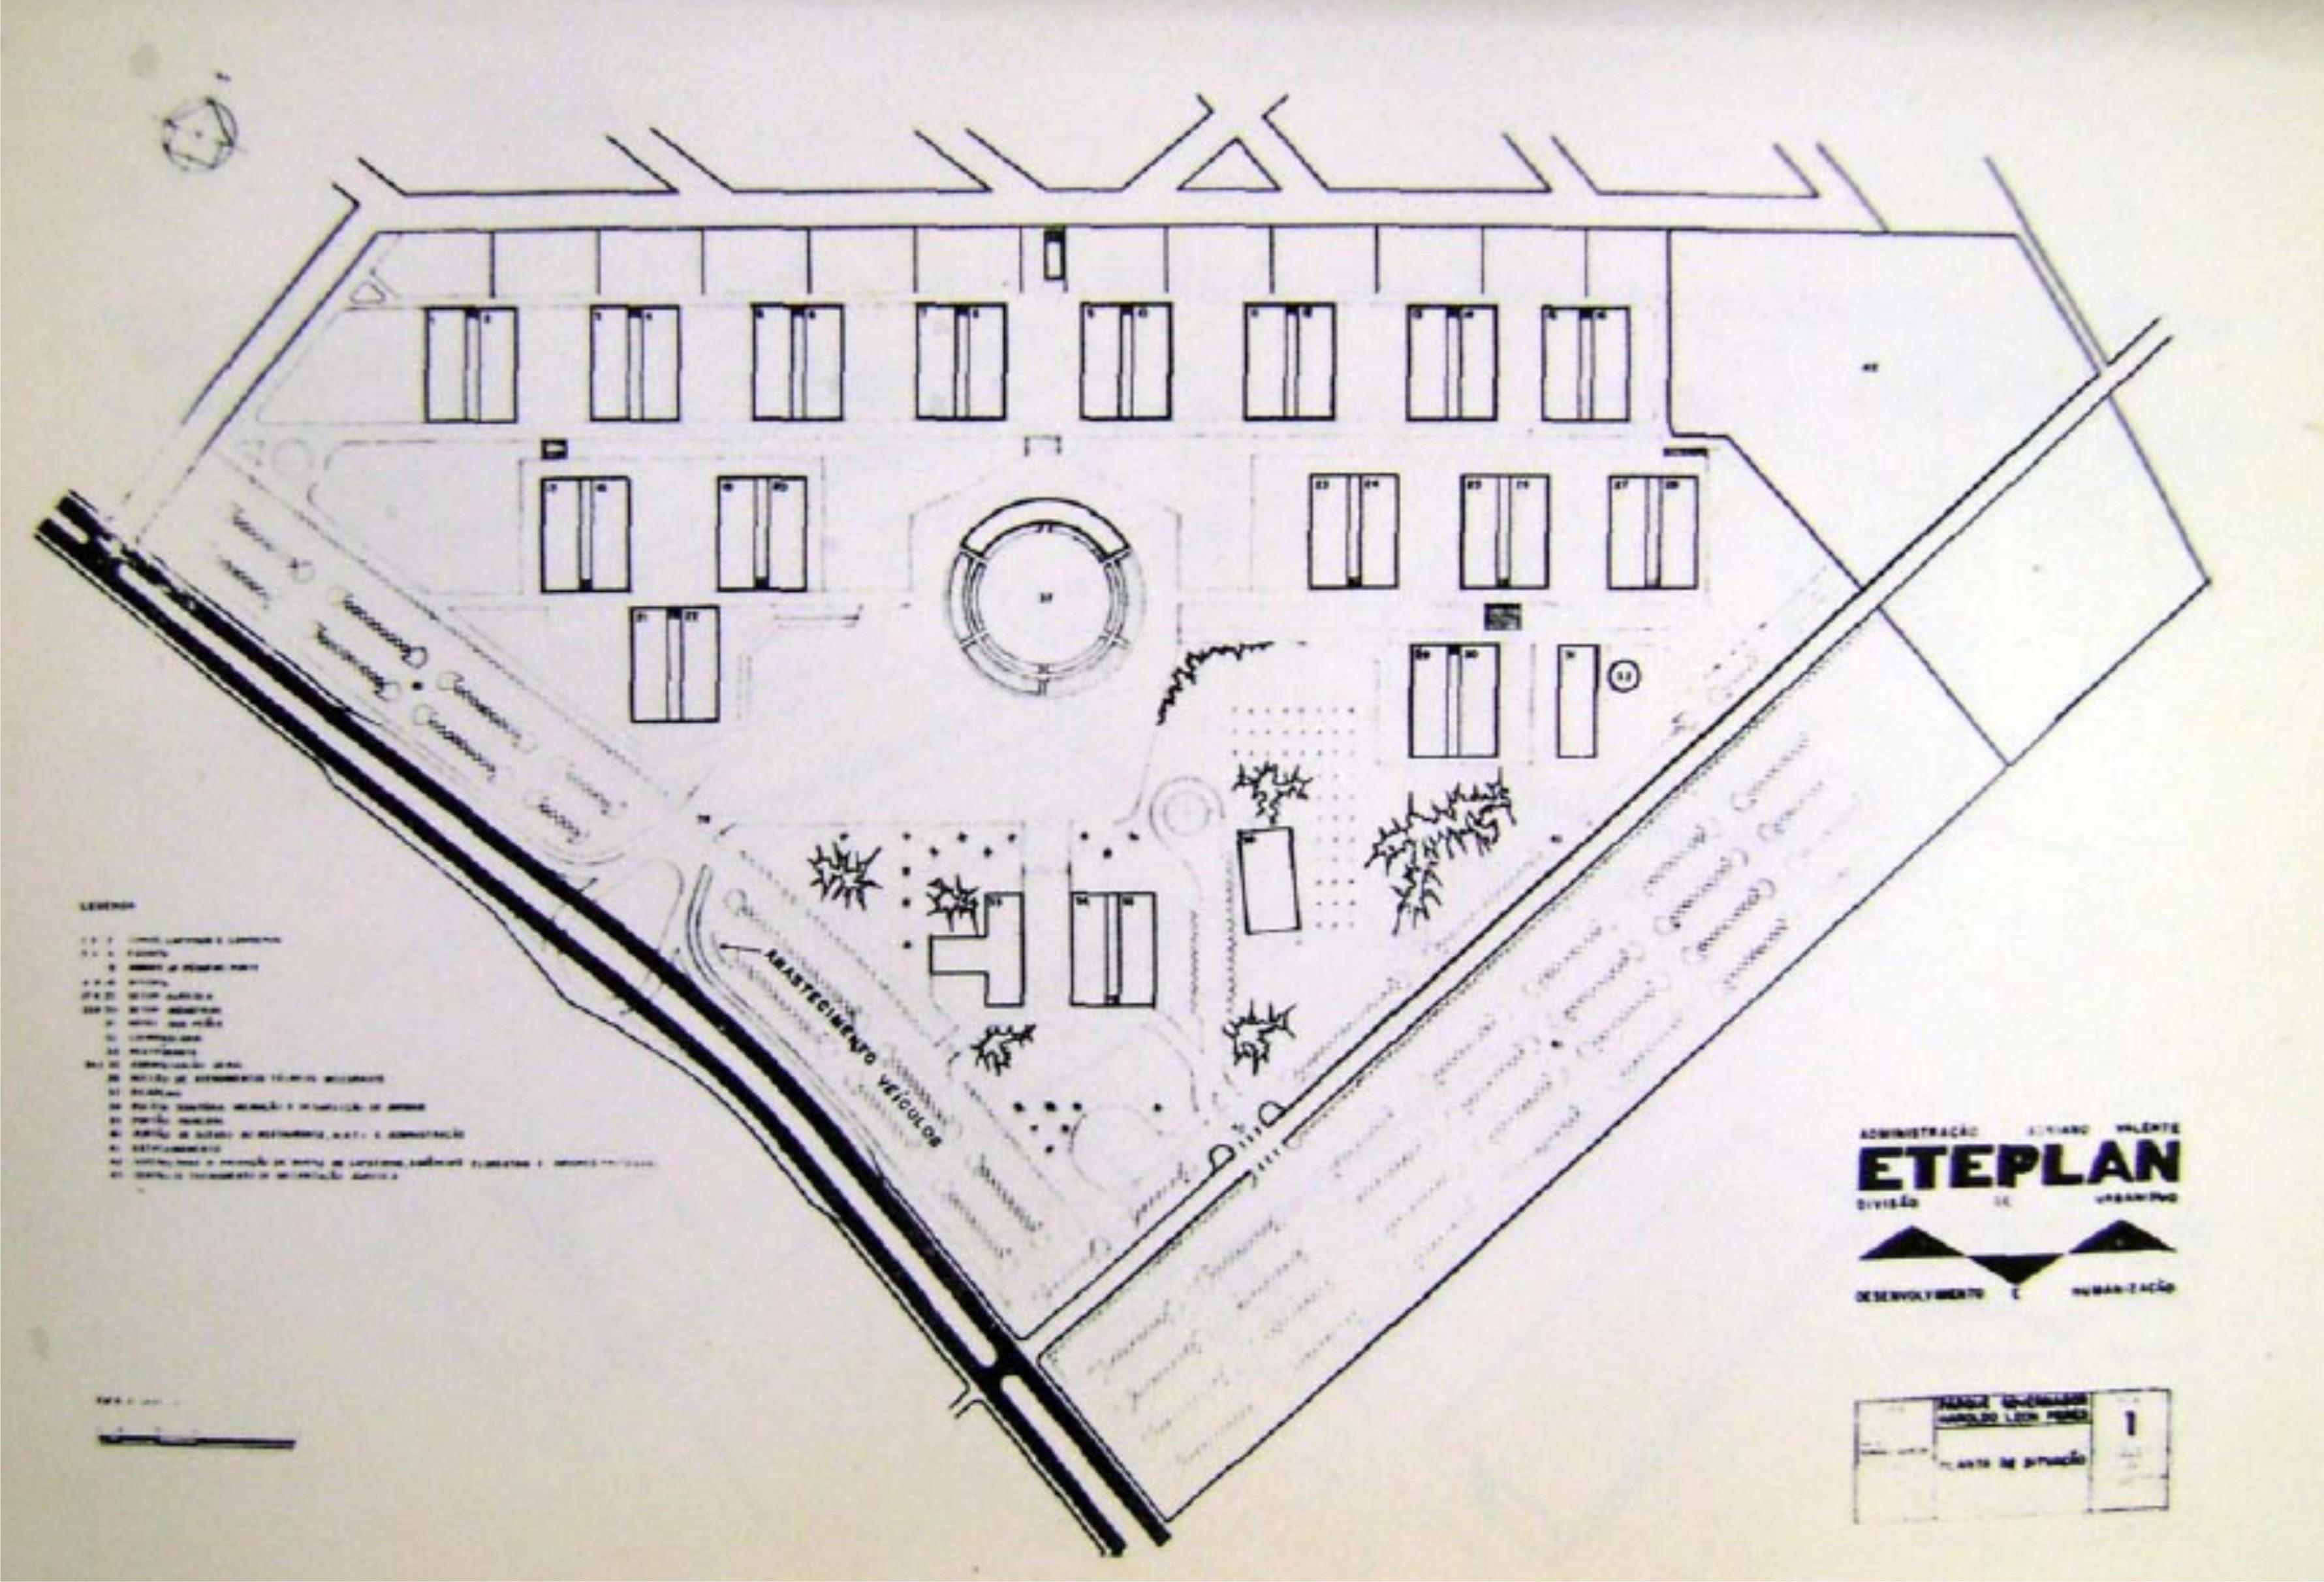 Planta e obras do Parque de Exposições - Início dos anos 1970